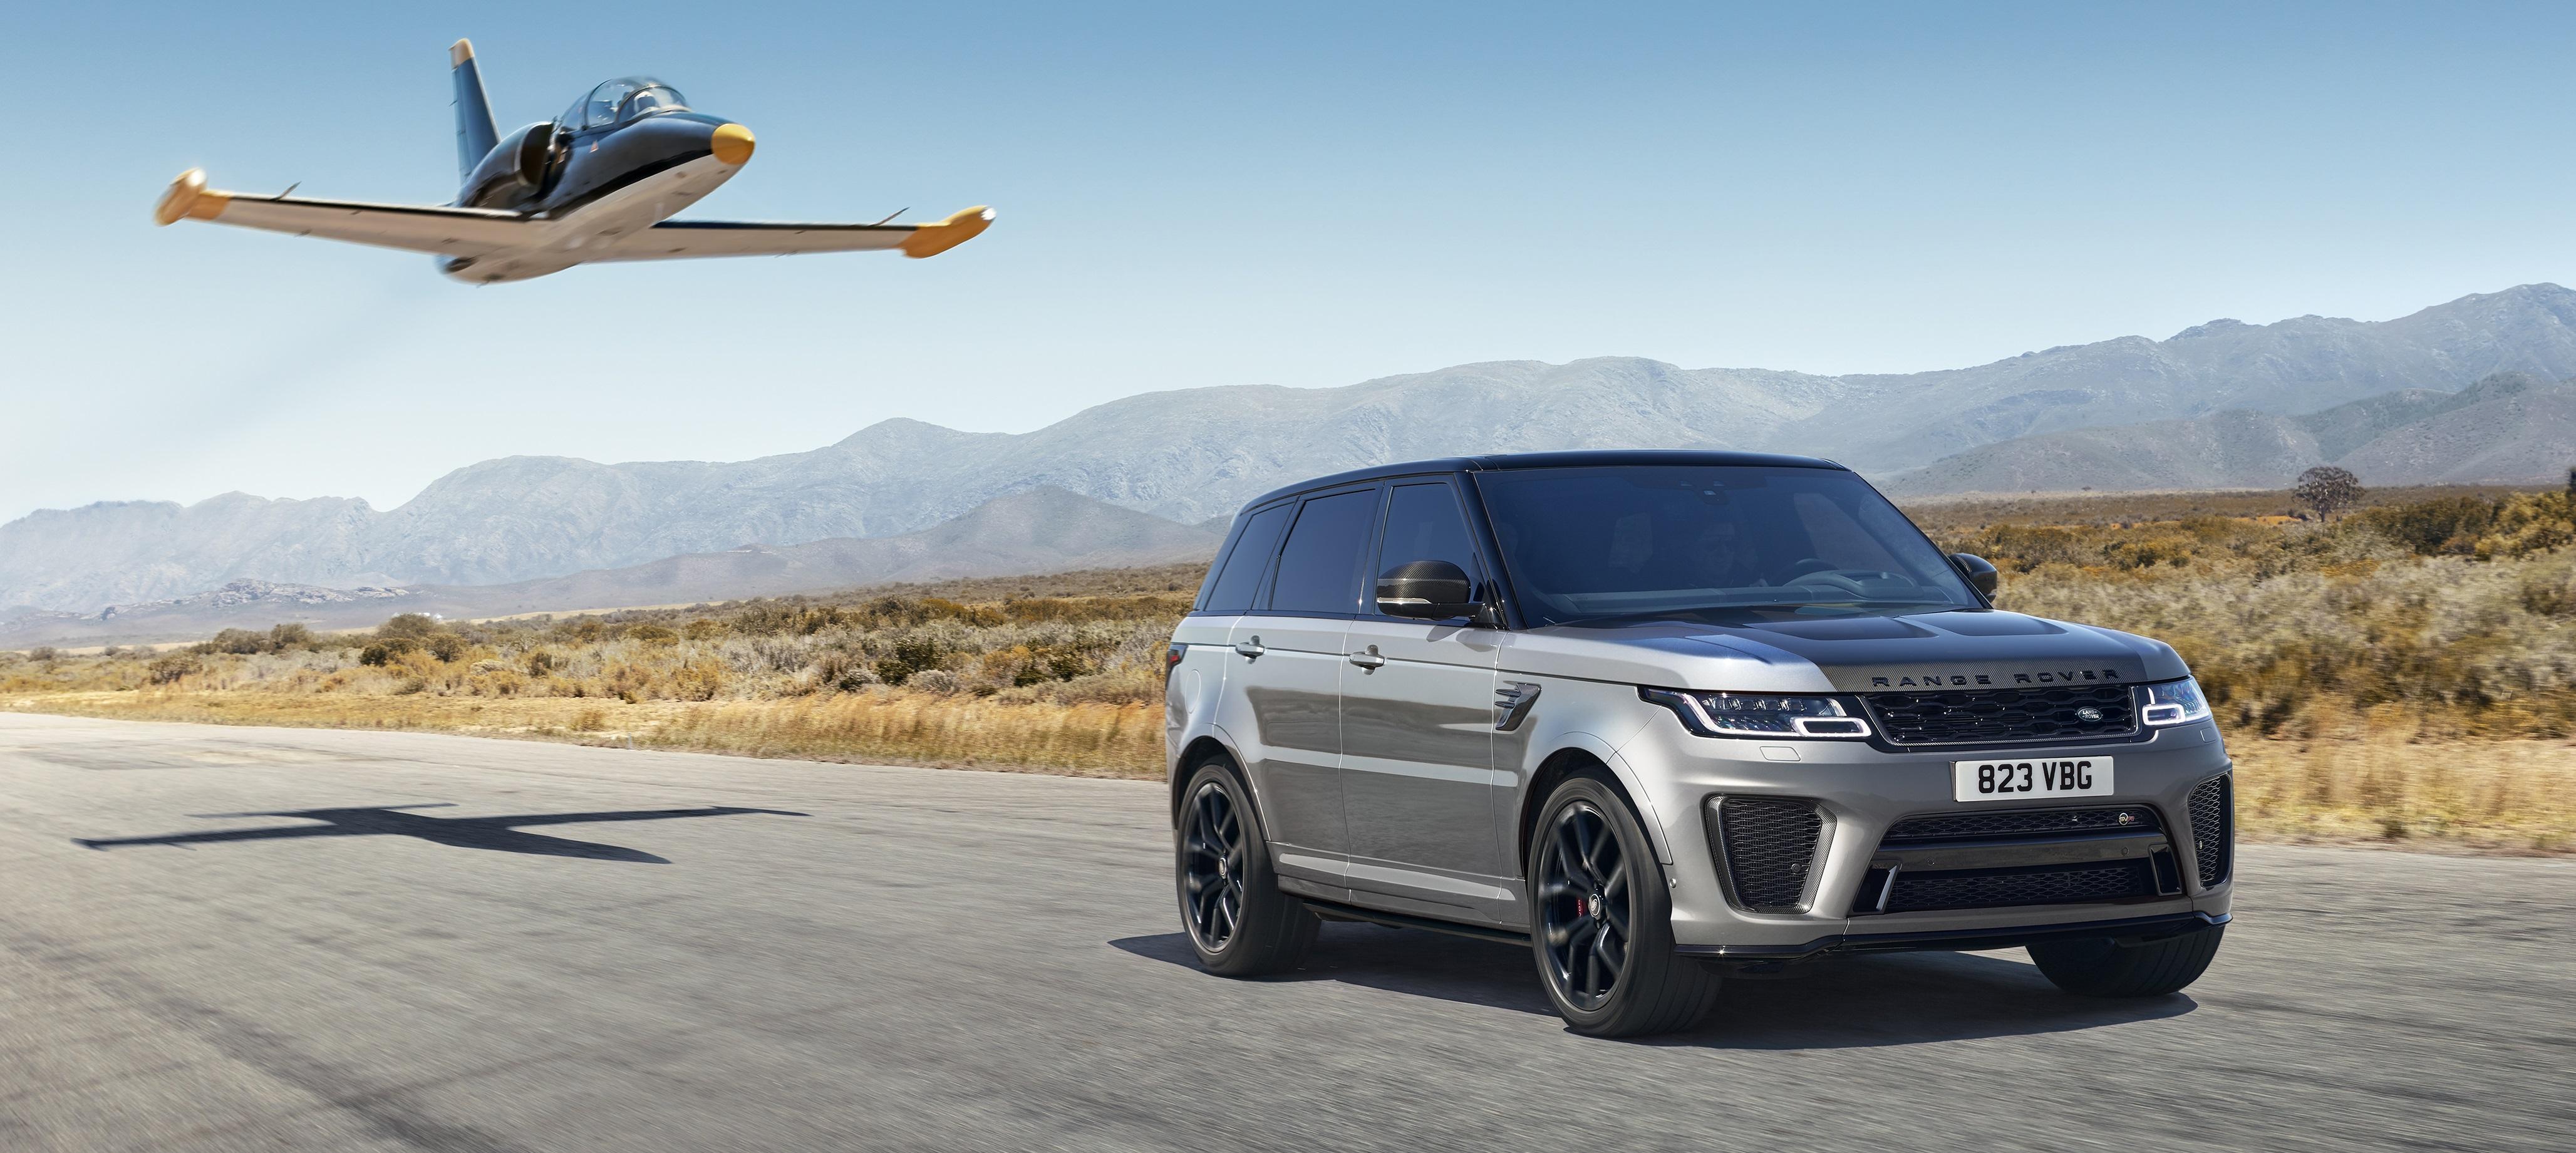 Range Rover: Nagelneuer Sechszylinder-Diesel mit Mild Hybrid Technik